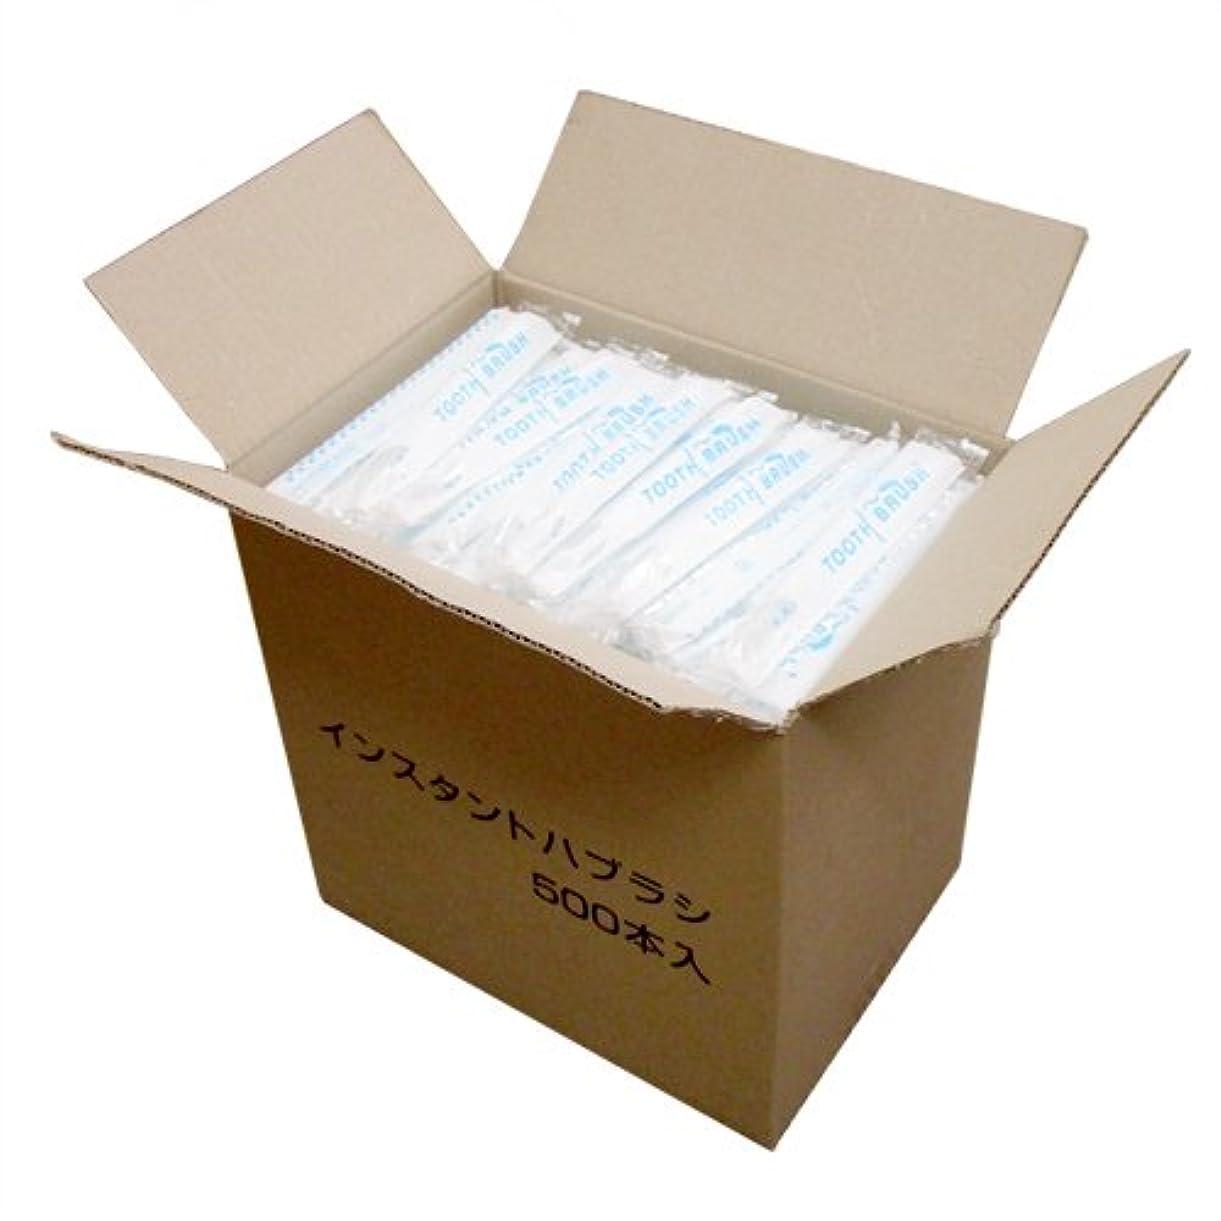 政策もっともらしいナサニエル区業務用 日本製 使い捨て粉付き歯ブラシ 個包装タイプ 500本入×1箱│ホテルアメニティ